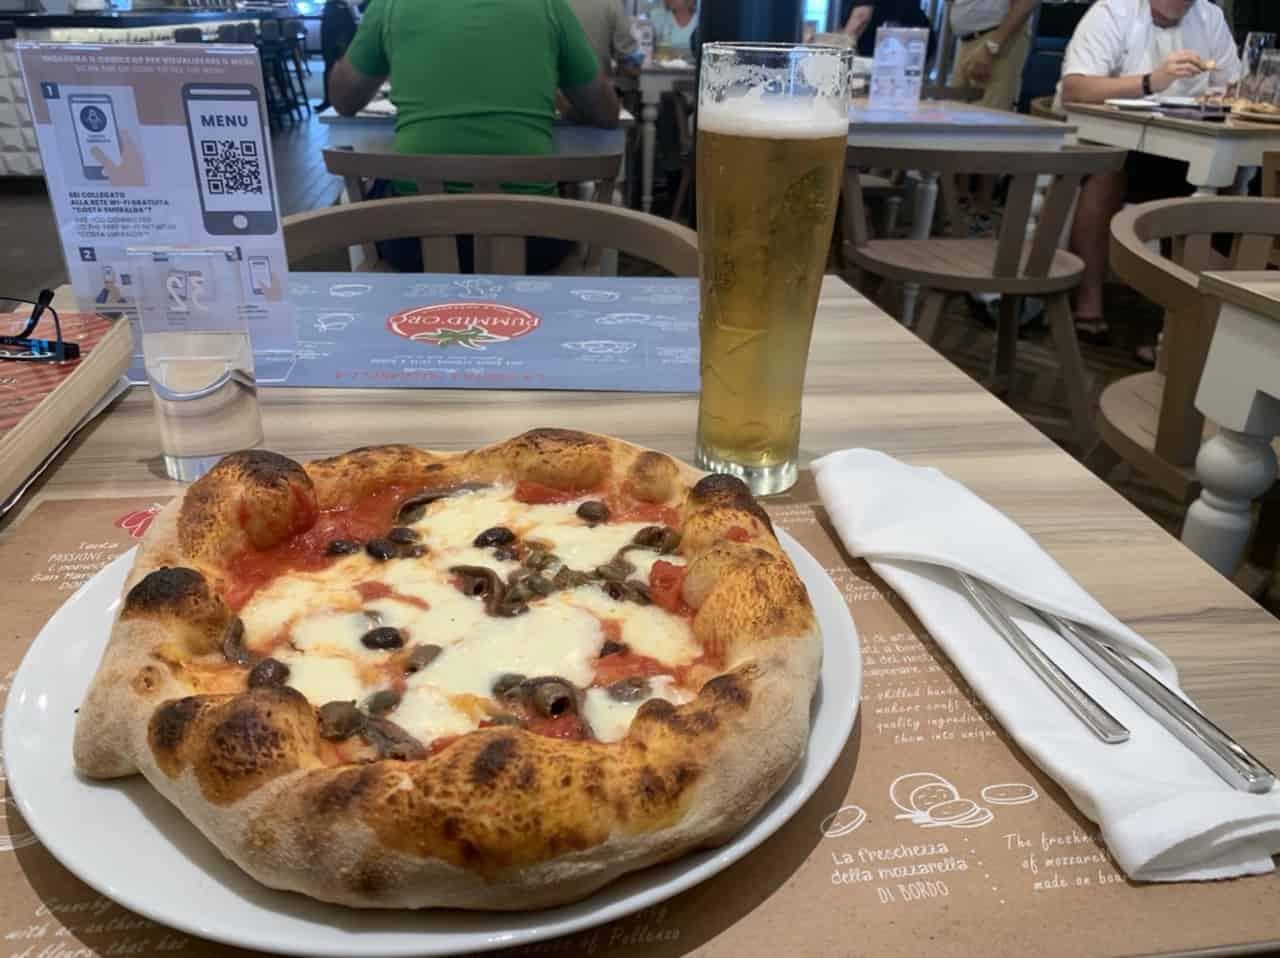 Pizza from Pummid'oro costa smeralda